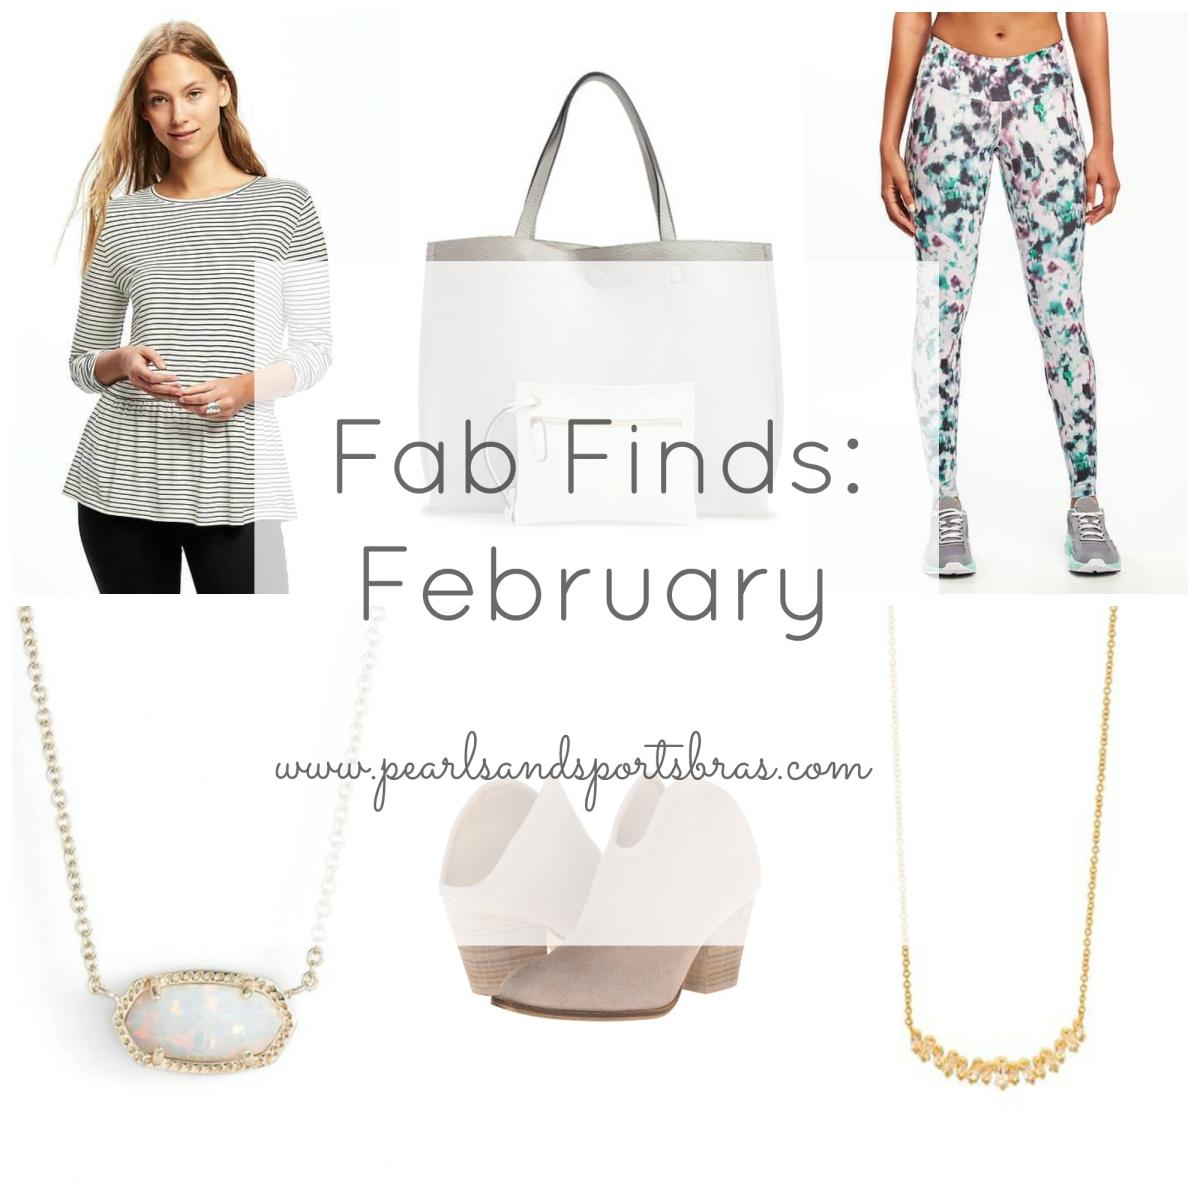 Fab Finds February |www.pearlsandsportsbras.com|